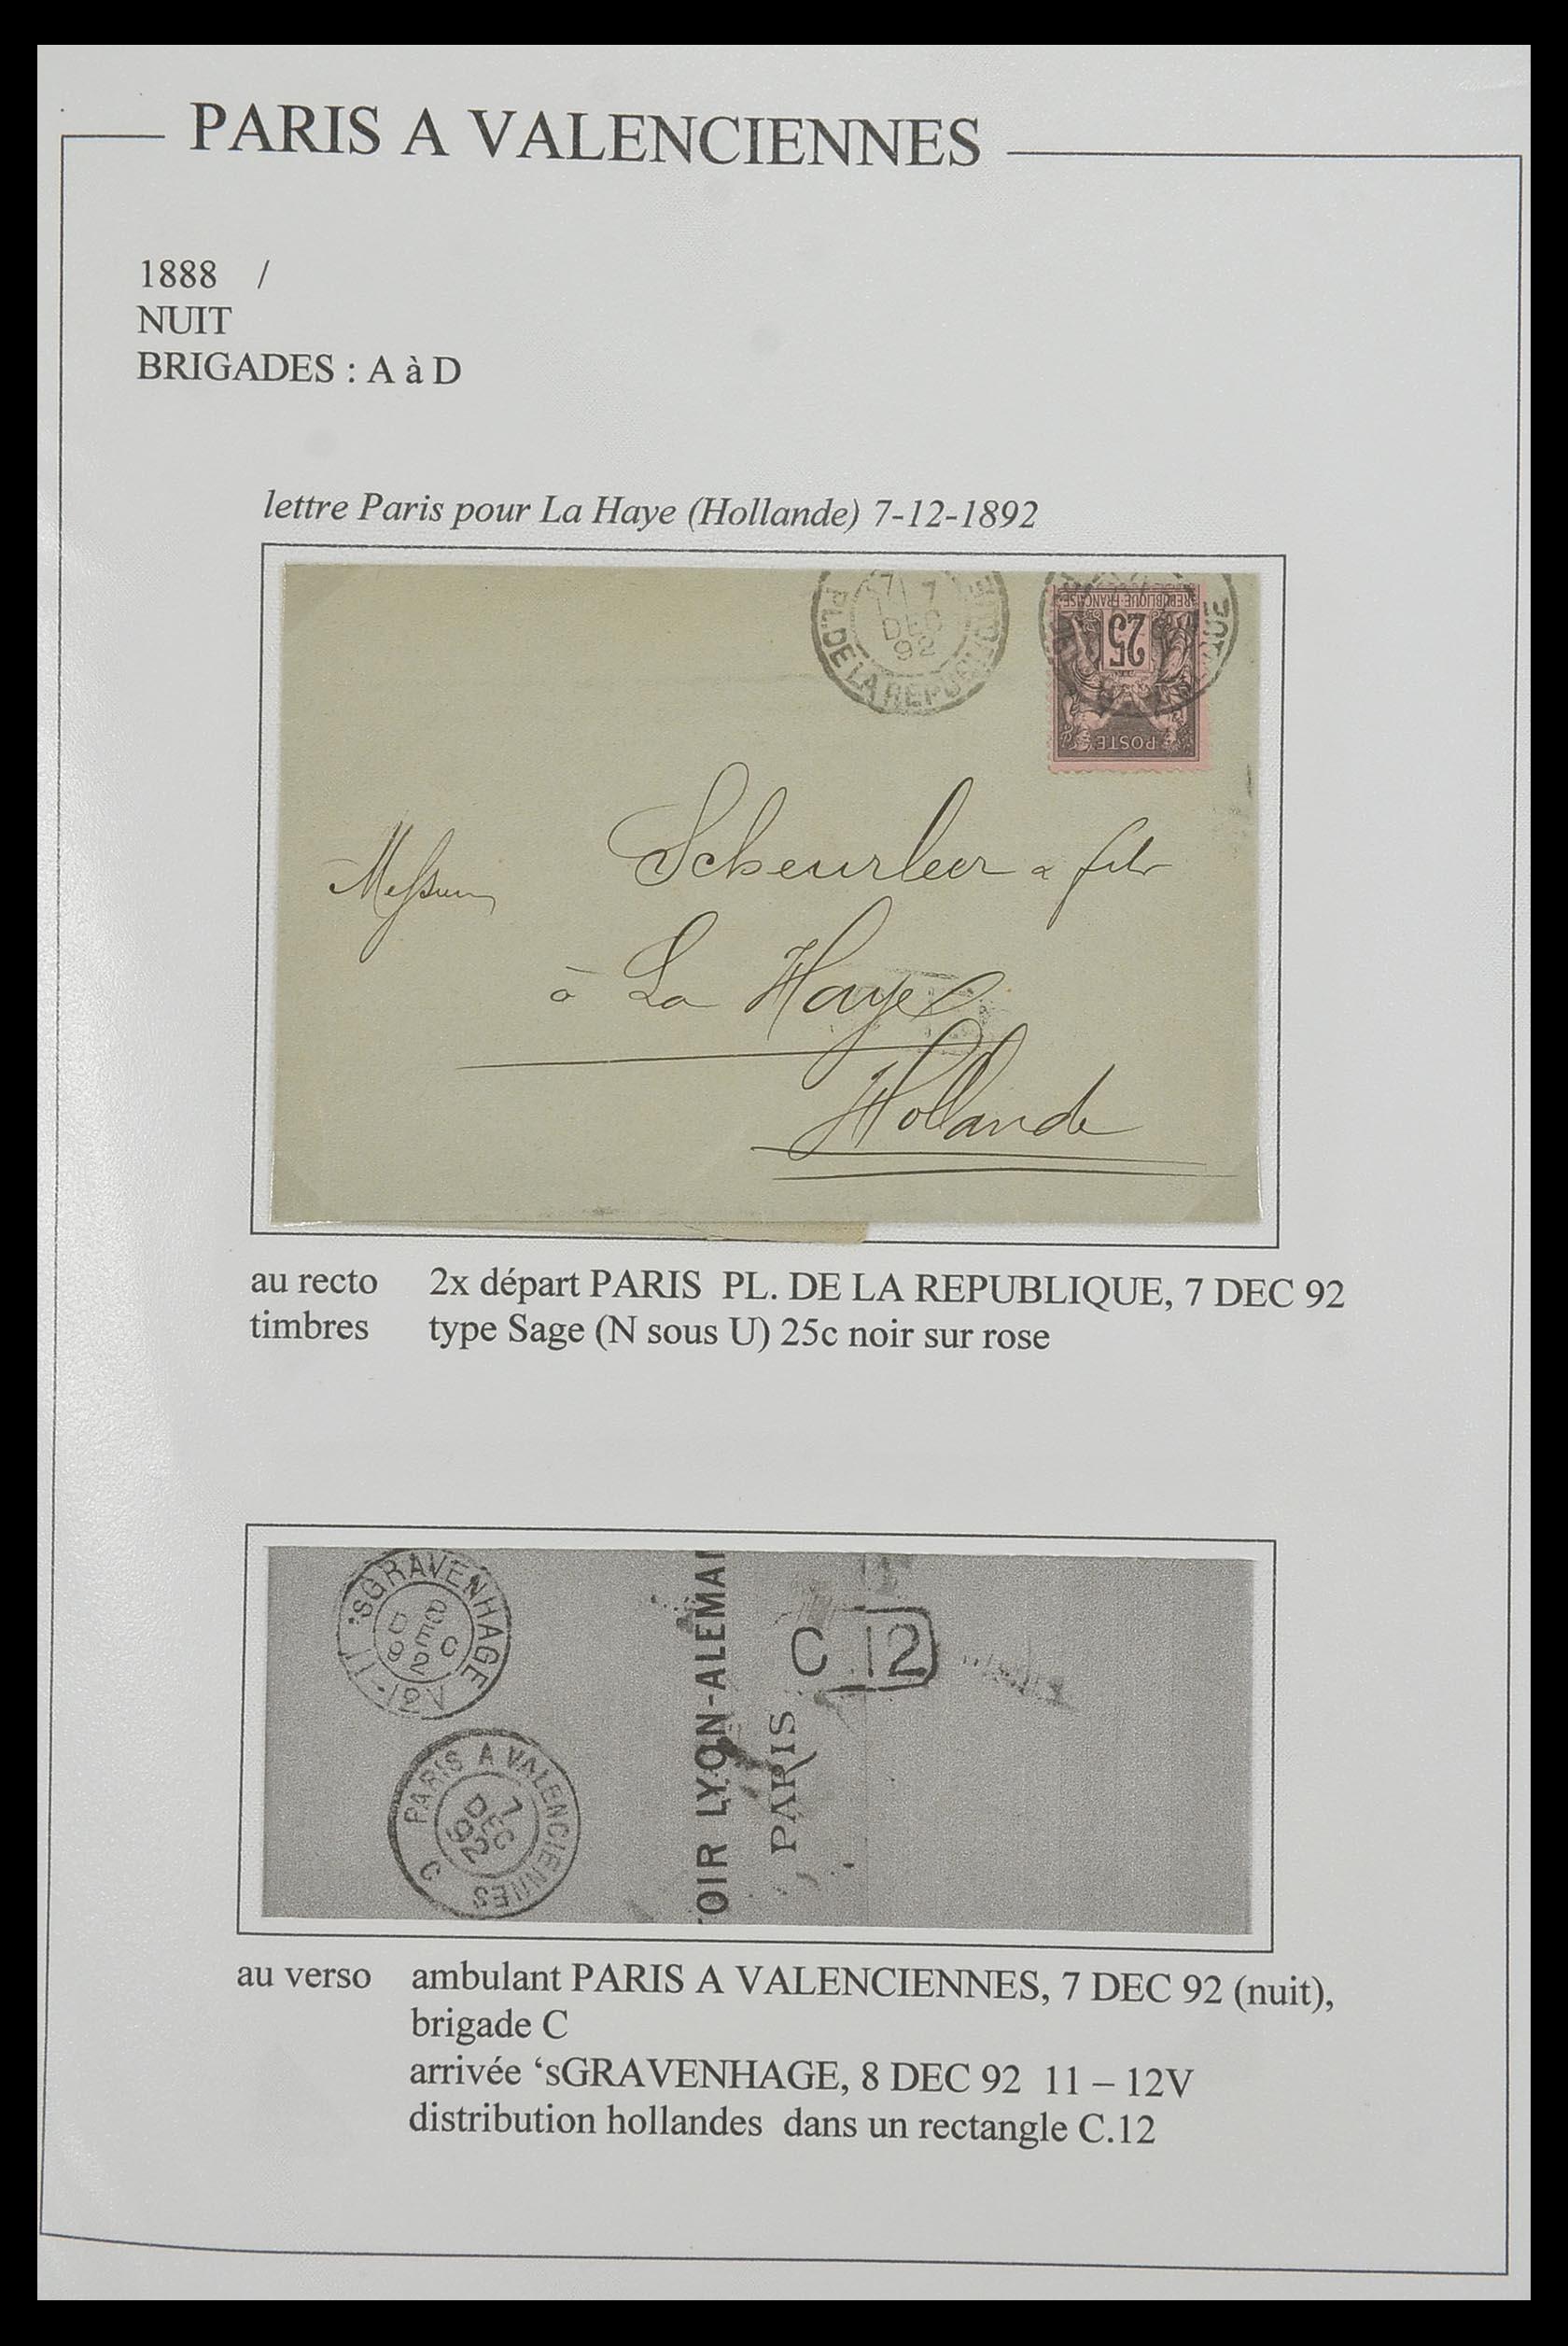 33624 018 - Postzegelverzameling 33624 Frankrijk brieven 1854-1907.